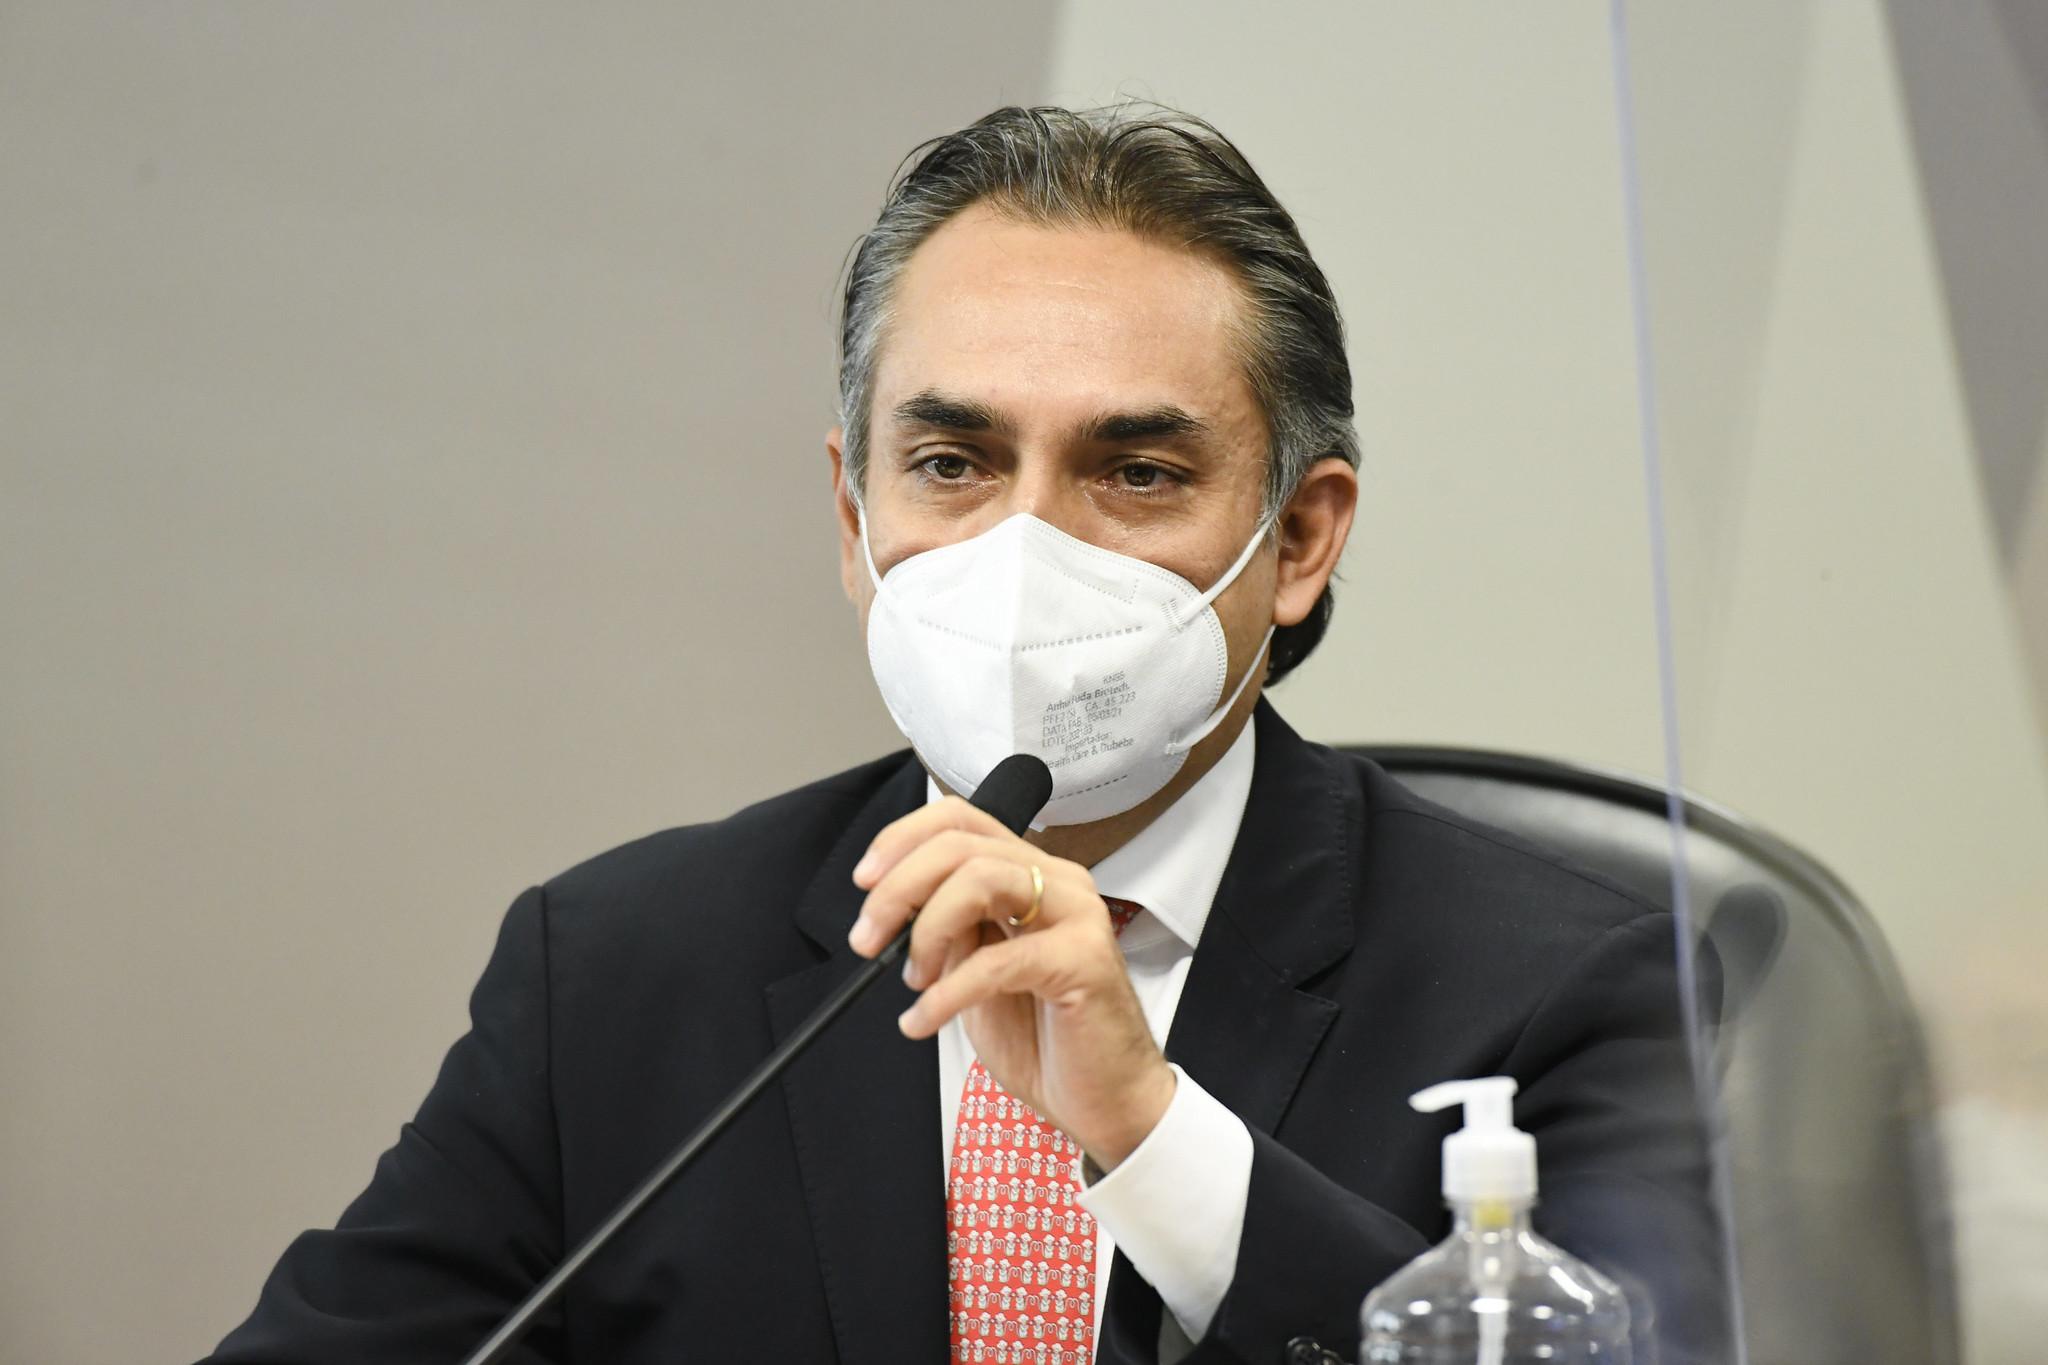 IMAGEM: Saiba tudo o que disse o ex-CEO da Pfizer na CPI